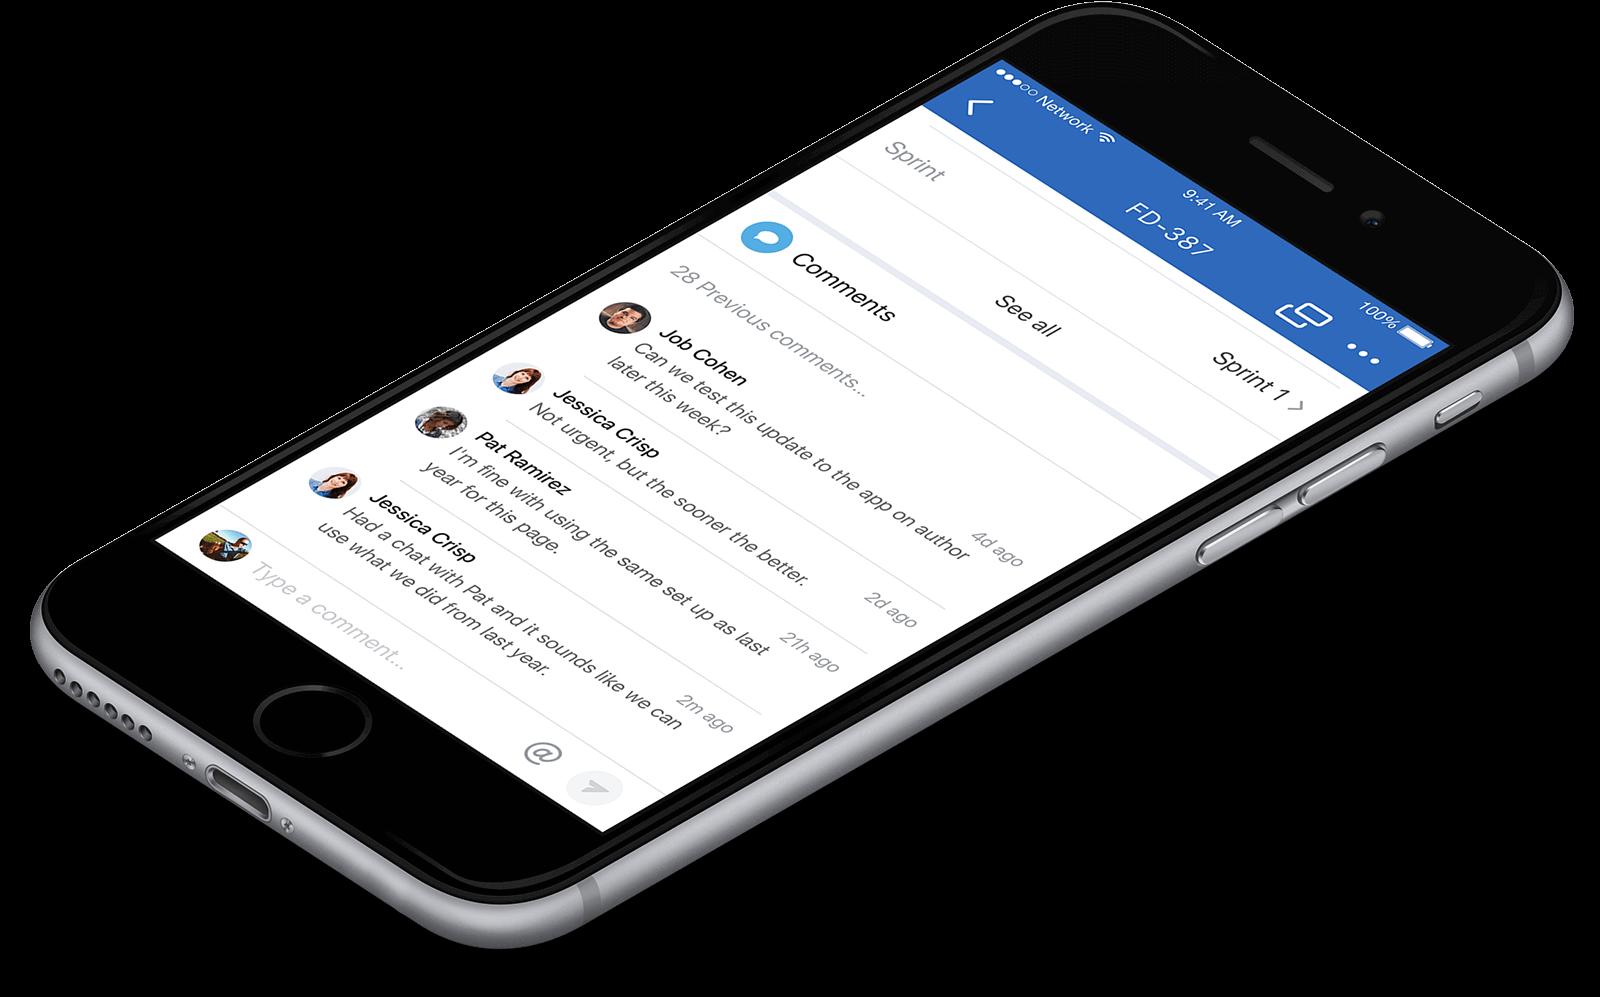 Mobiltelefon Jira-jegyhez fűzött megjegyzésről szóló értesítéssel